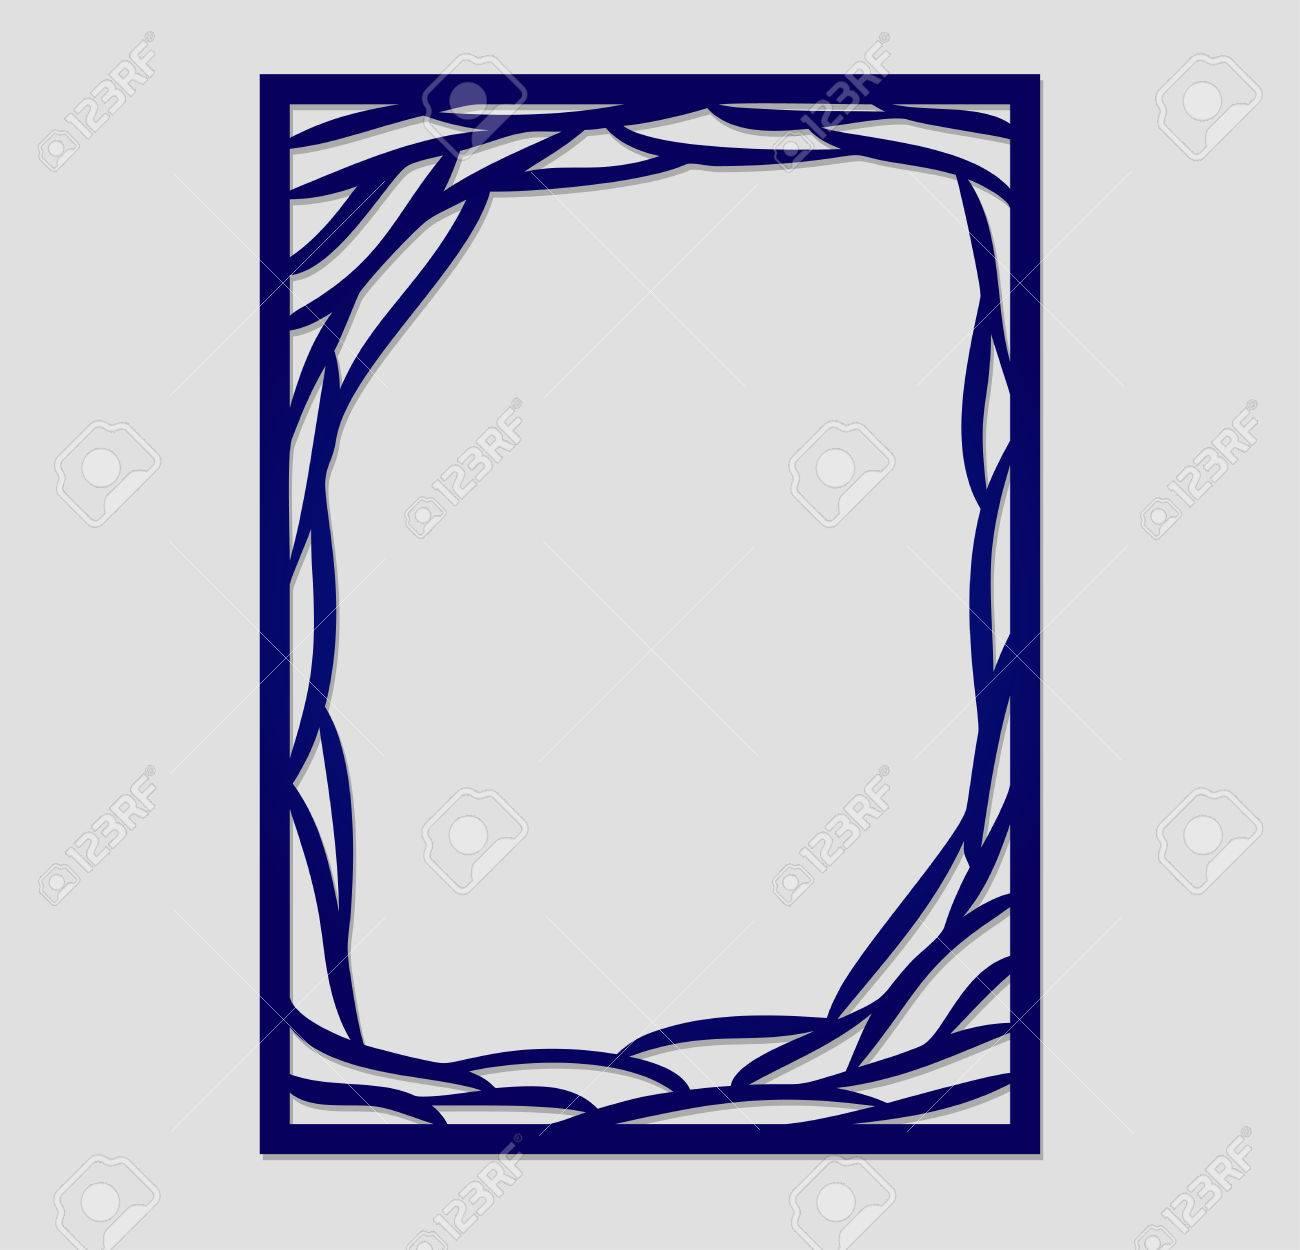 Abstract Vector Rahmen Mit Wellen. Kann Für Das Laserschneiden ...